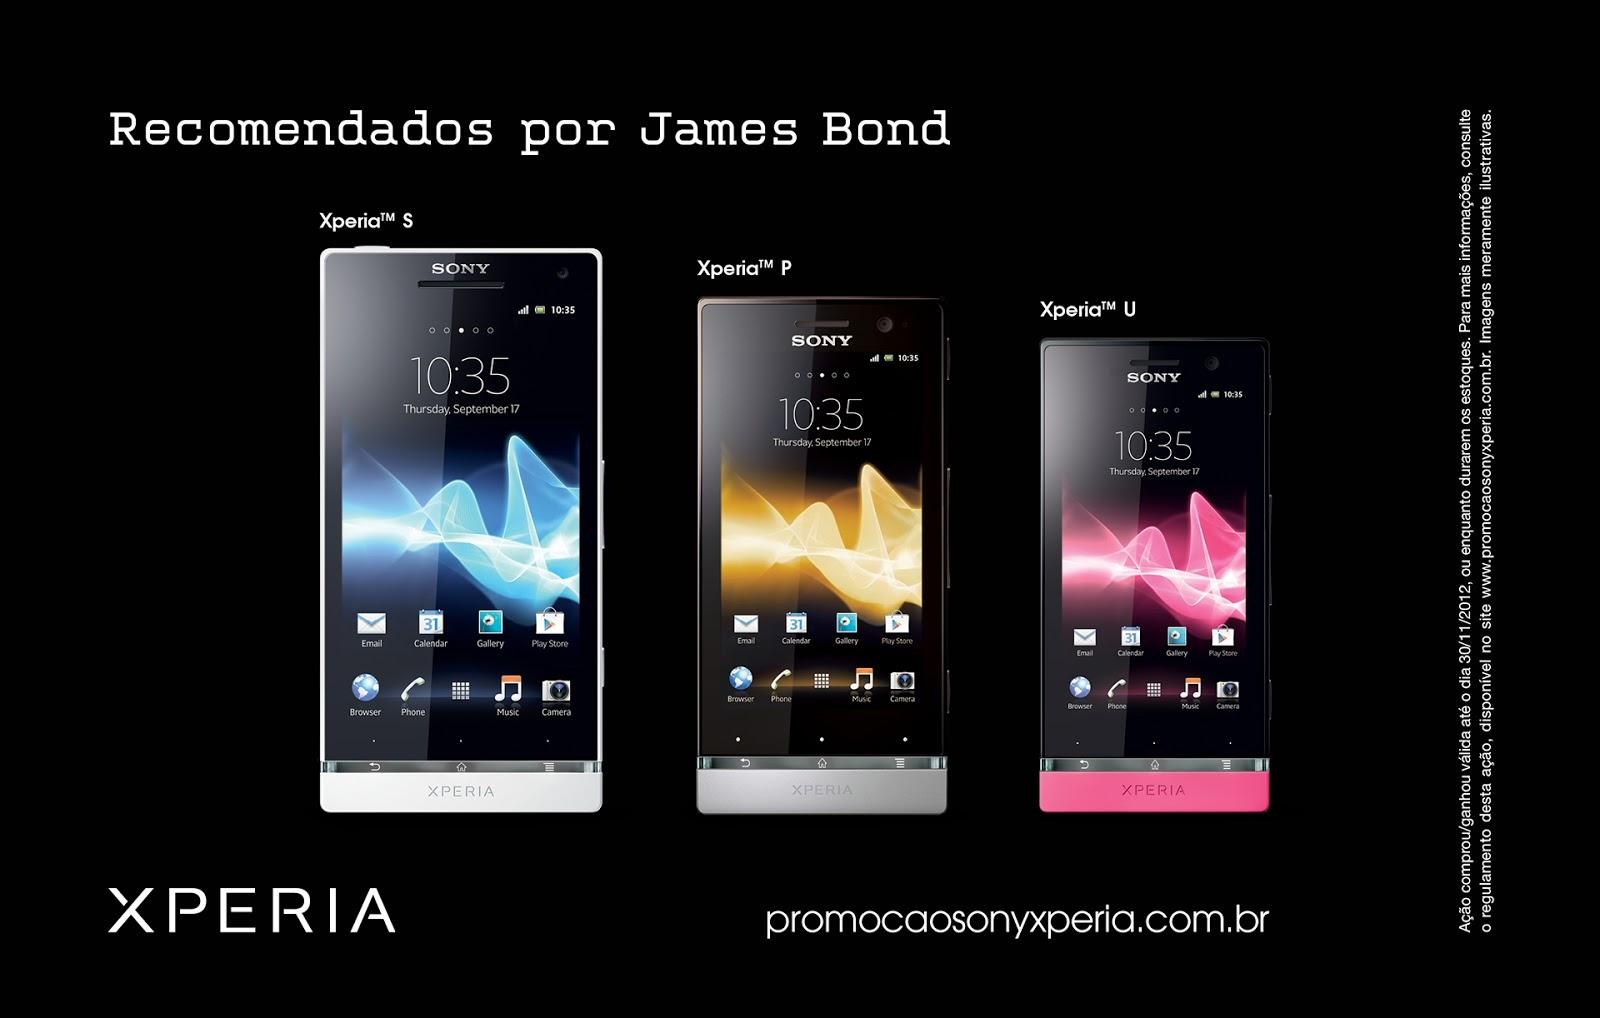 Sony Mobile lança promoção para smartphones recomendados por James Bond